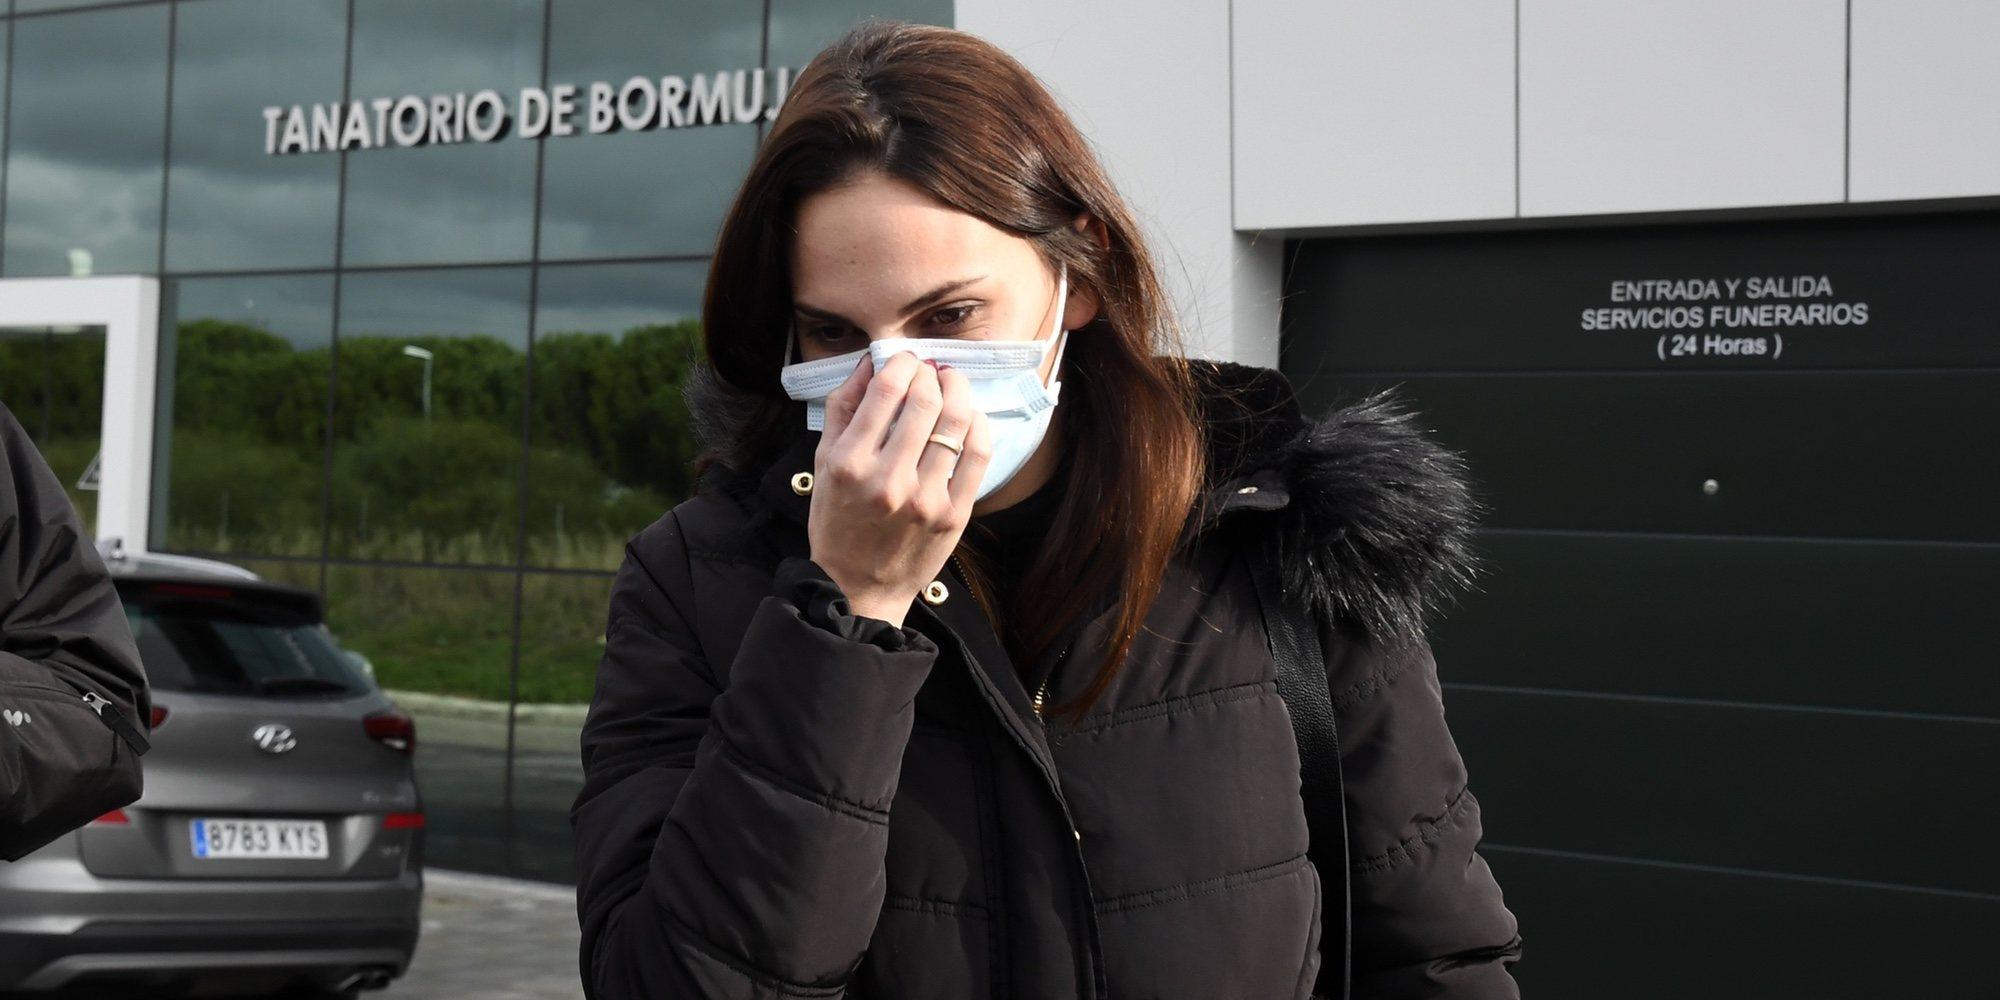 """La emotiva despedida de Irene Rosales a su padre: """"Mi corazón está roto"""""""